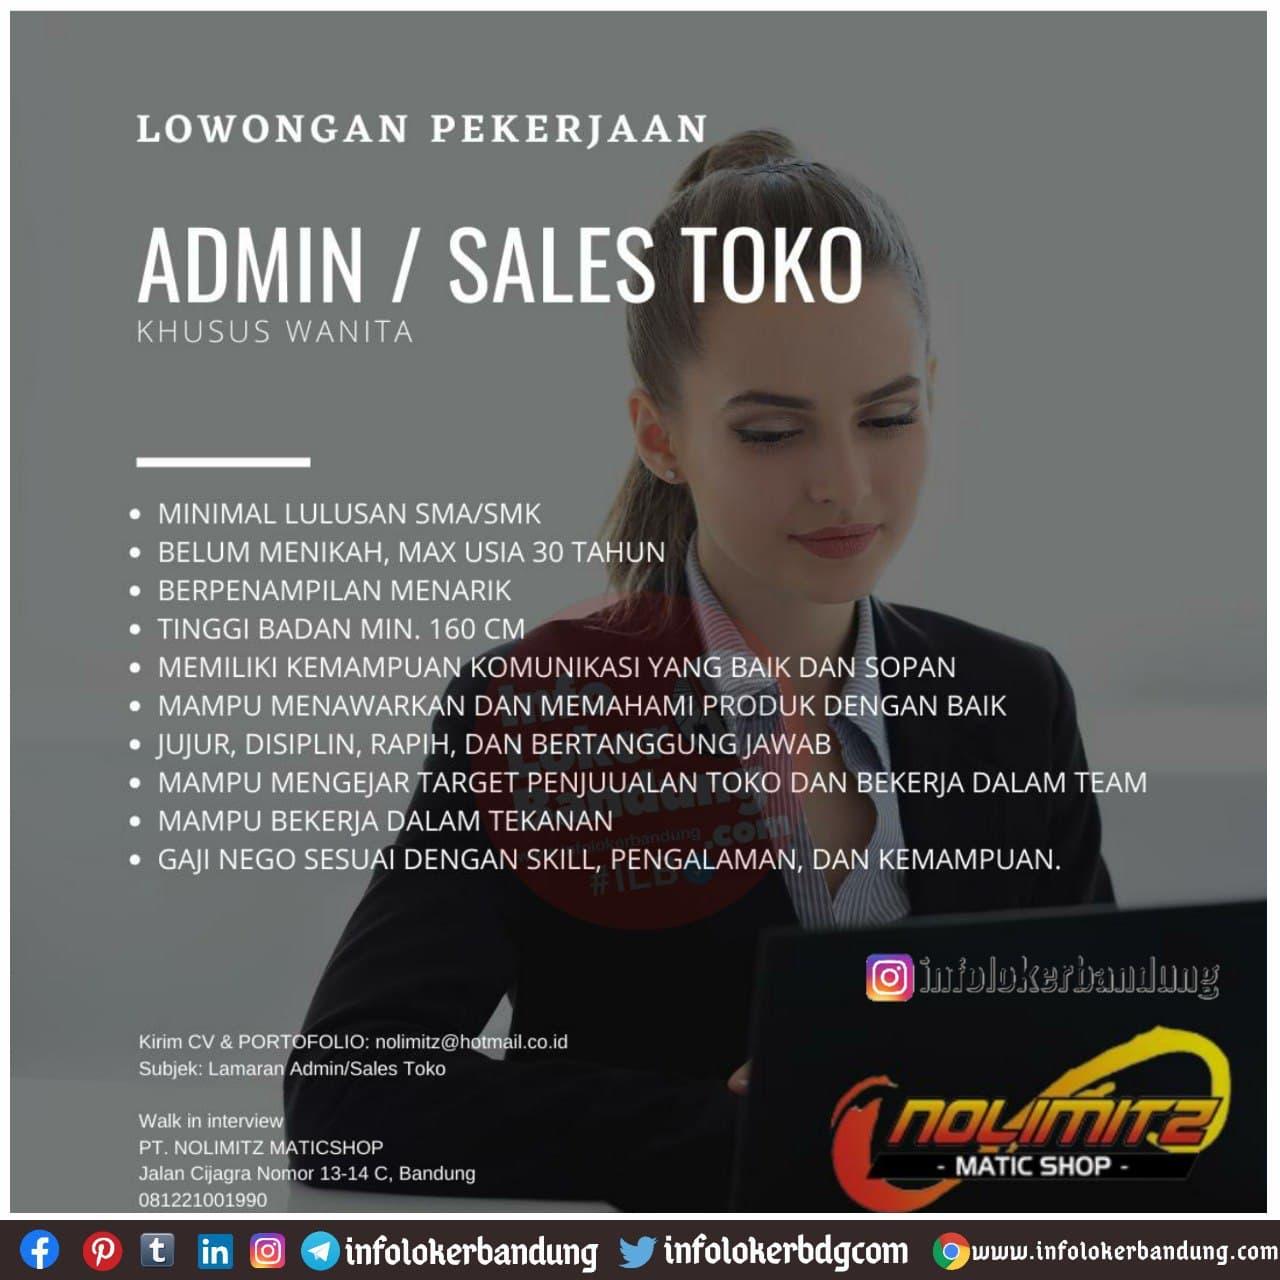 Lowongan Kerja Admin / Sales Toko PT. Nolimitz Maticshop Bandung Januari 2021